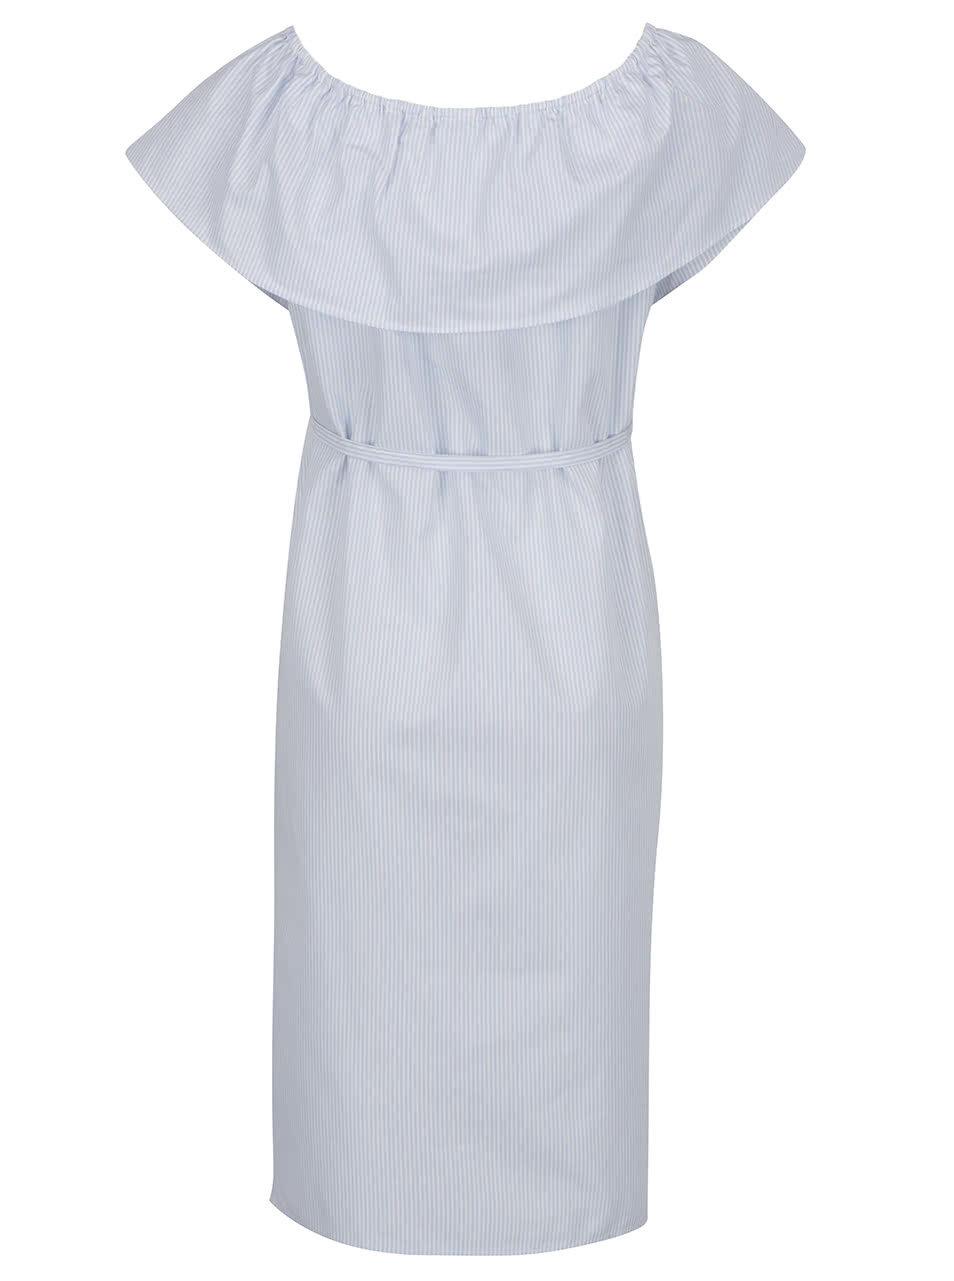 538598be45a3 Světle modré těhotenské šaty s volánem Mama.licious Vitoria ...